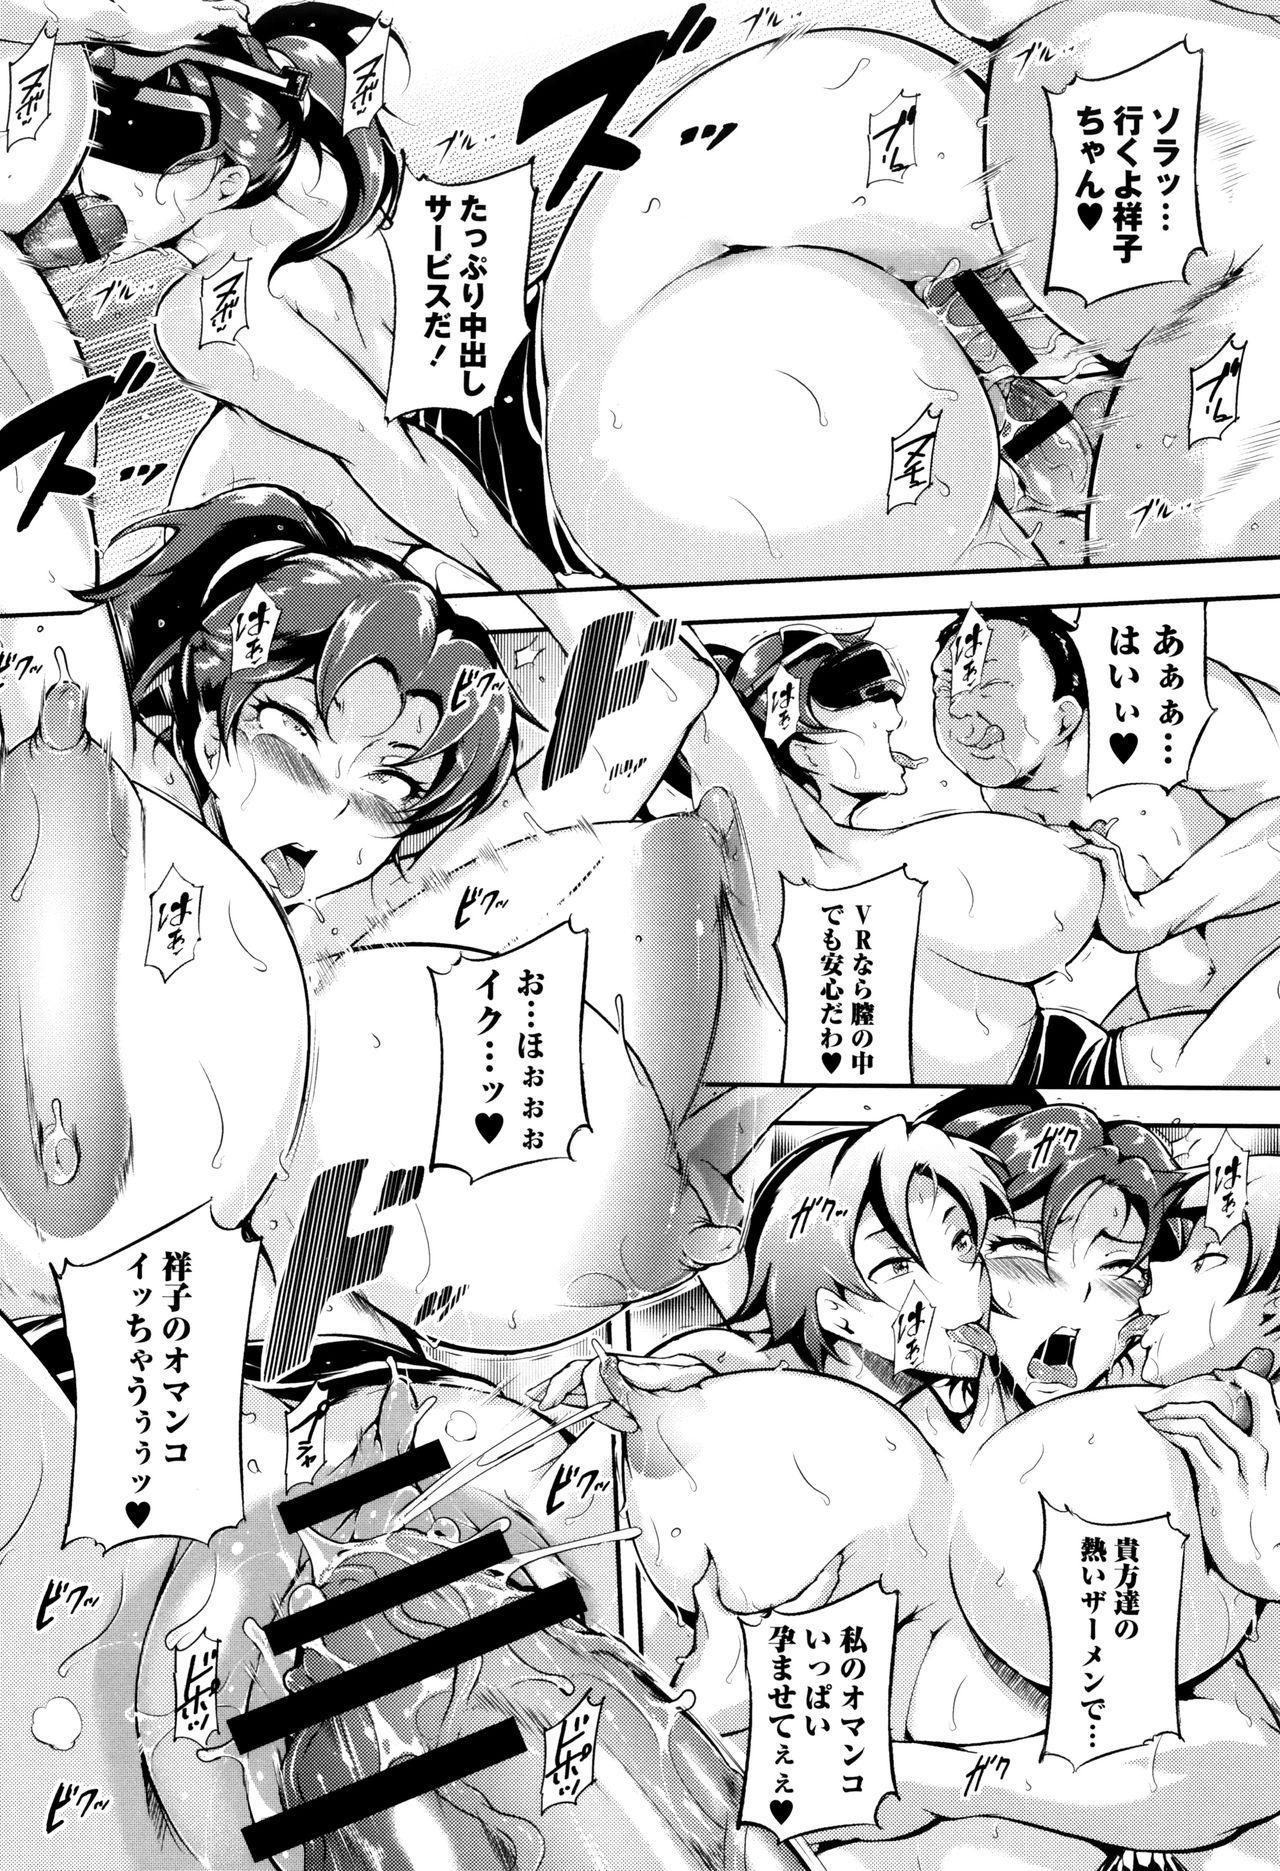 Ero BBA ♥ Dosukebe Ha Sengen 115